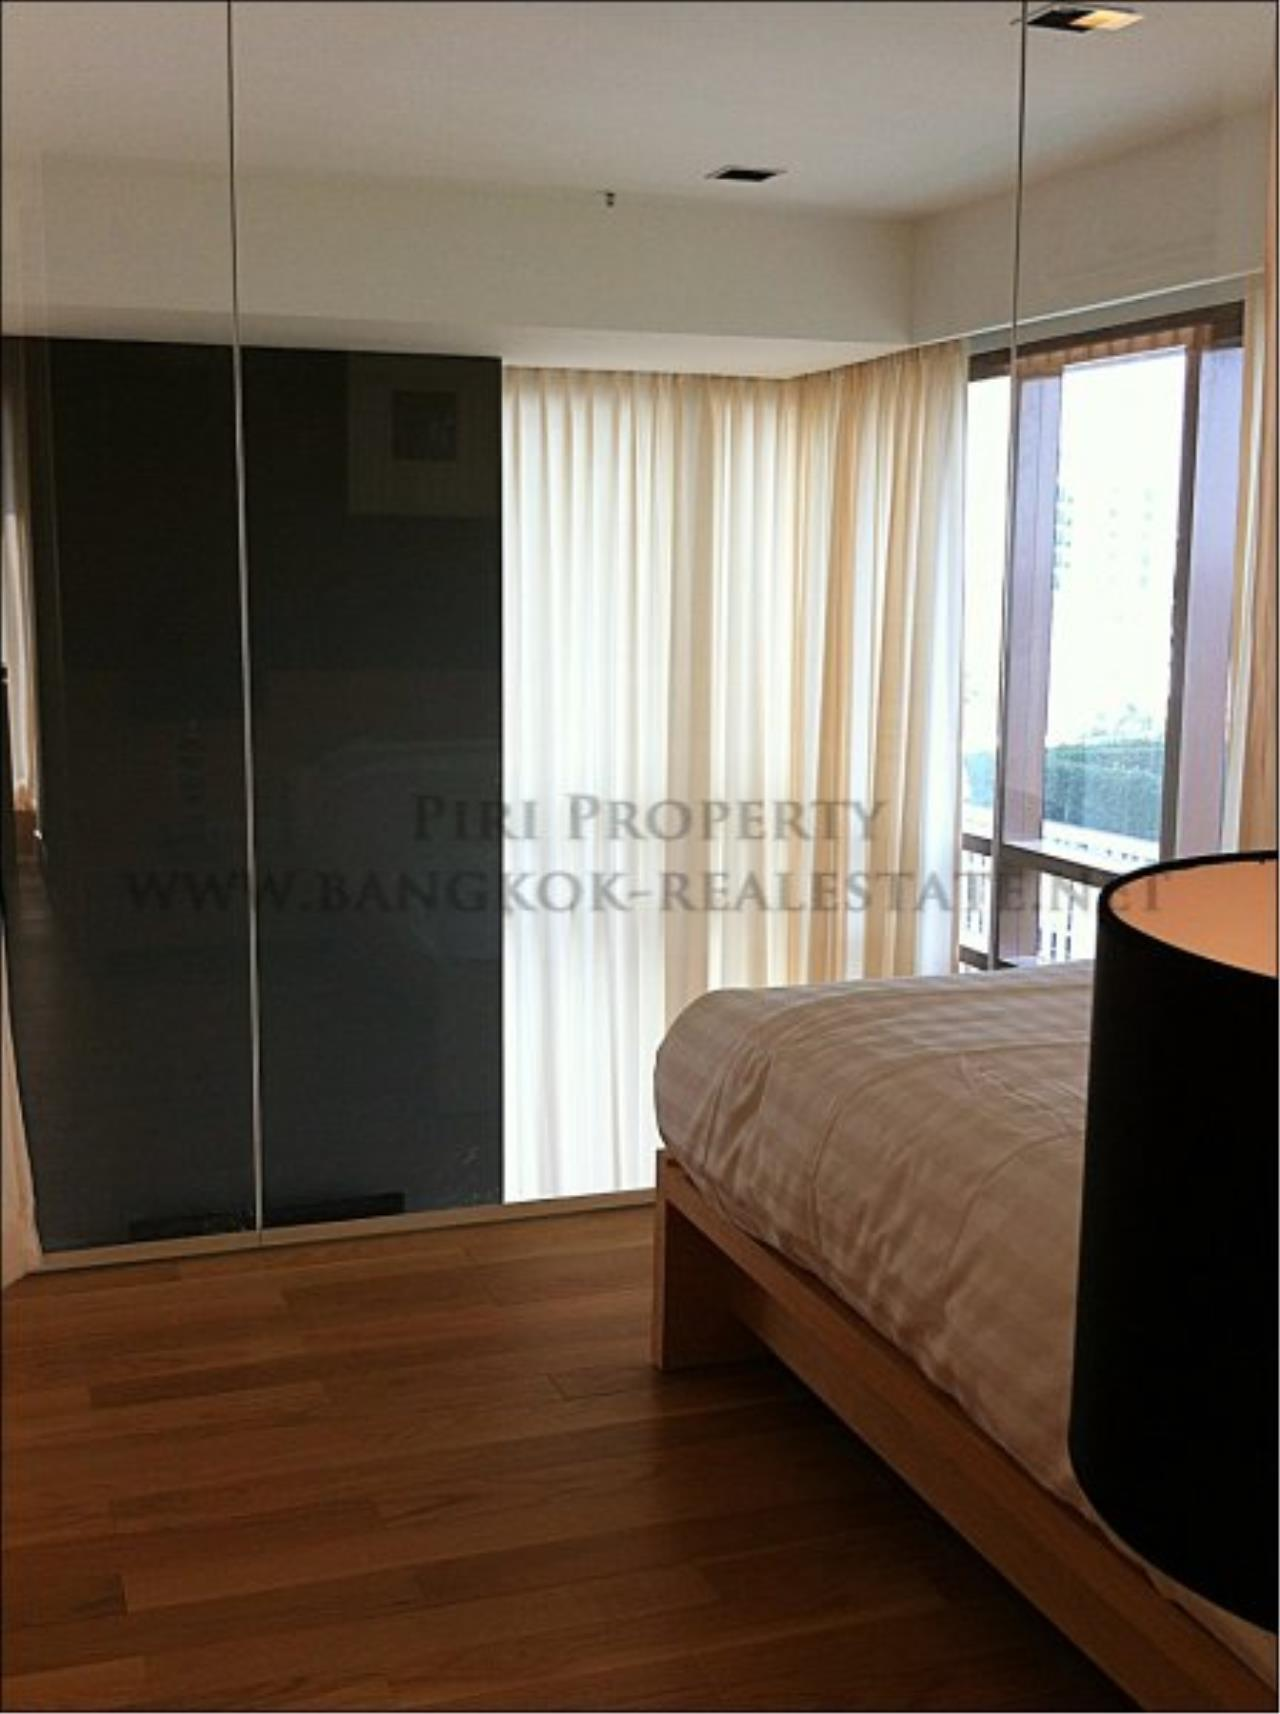 Piri Property Agency's Amazing Duplex Condominium for Rent - Emporio Place 3